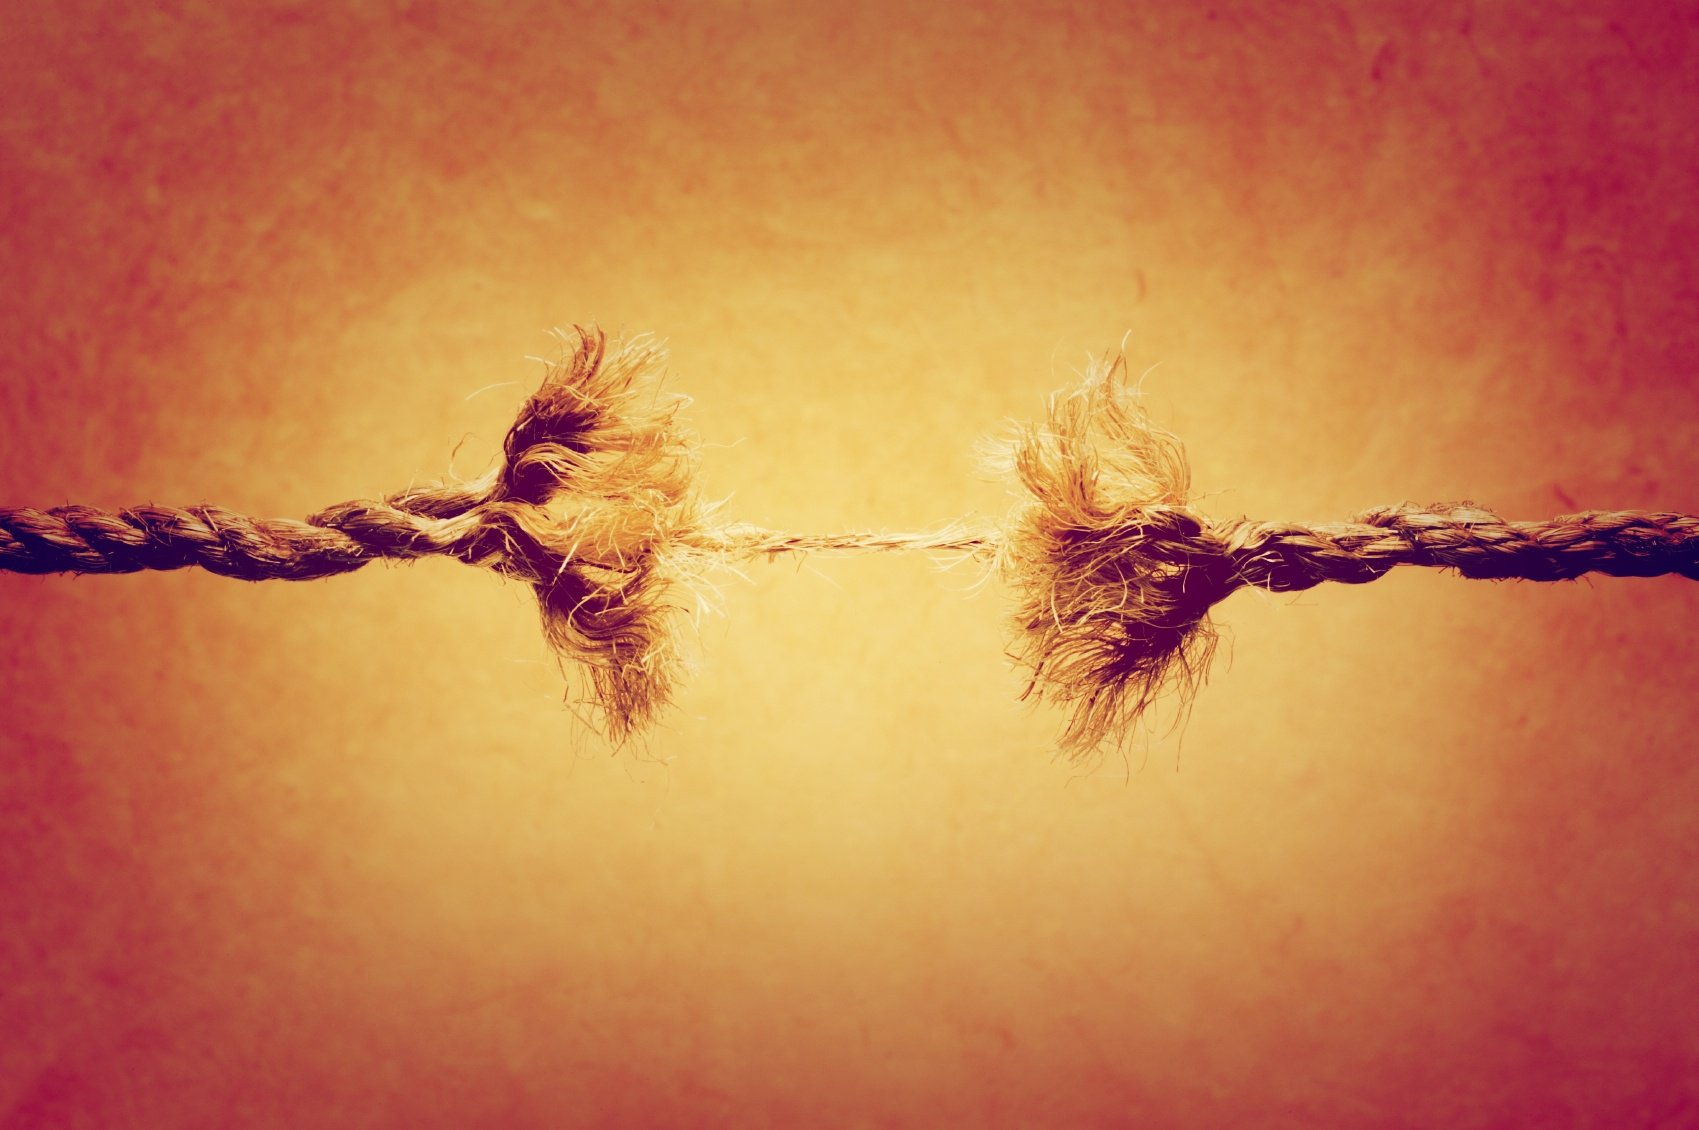 Hãy học cách từ bỏ những gì không thuộc về mình